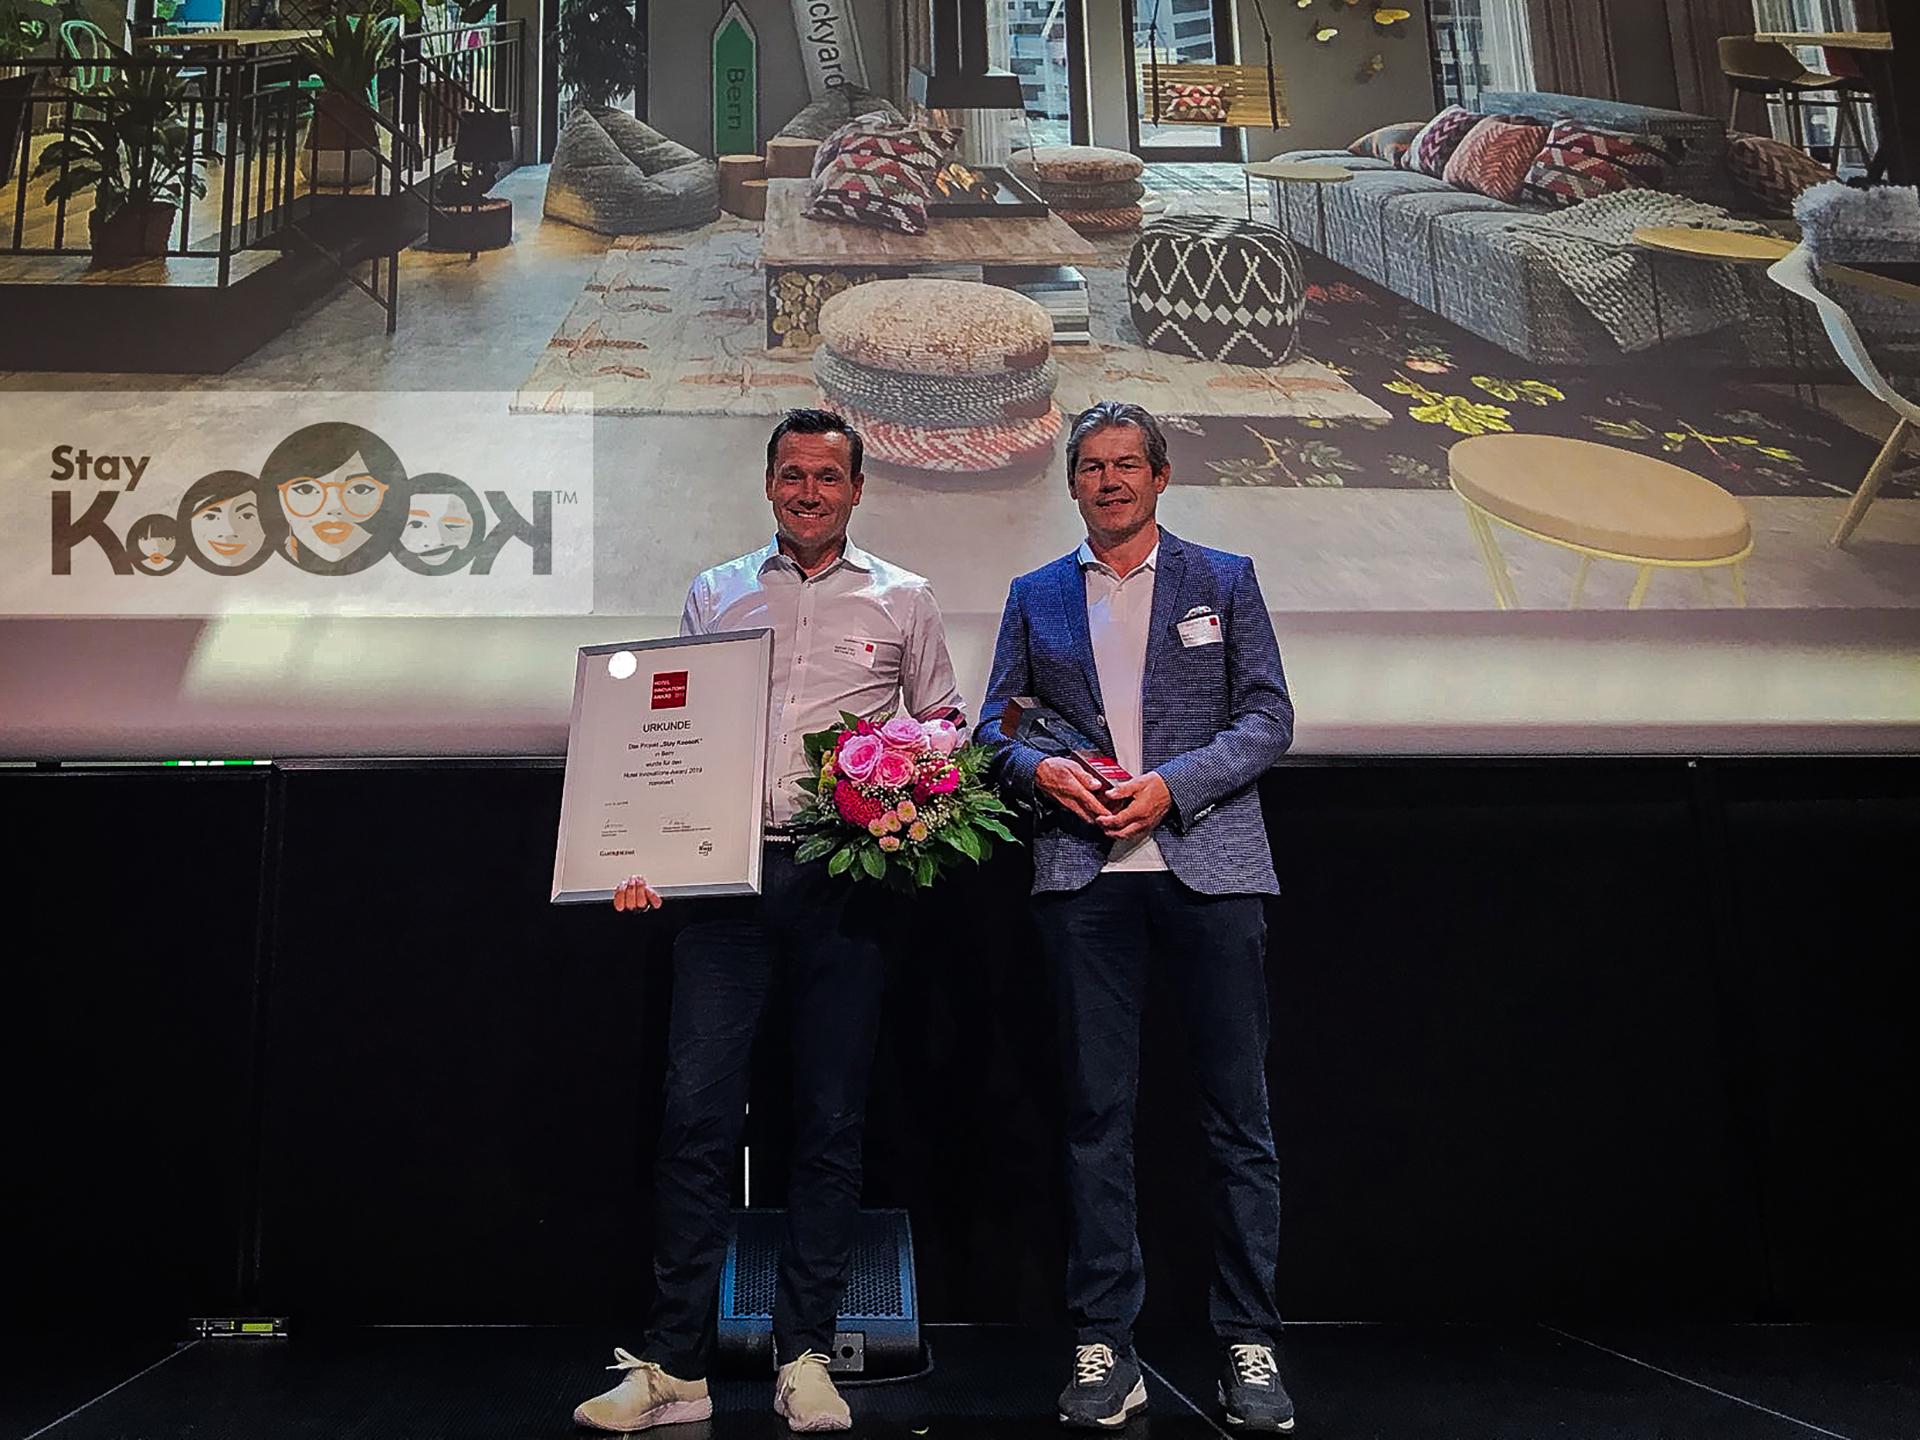 Beat Kuhn auf der Bühne zur Verleihung des Hotel Innovations-Award